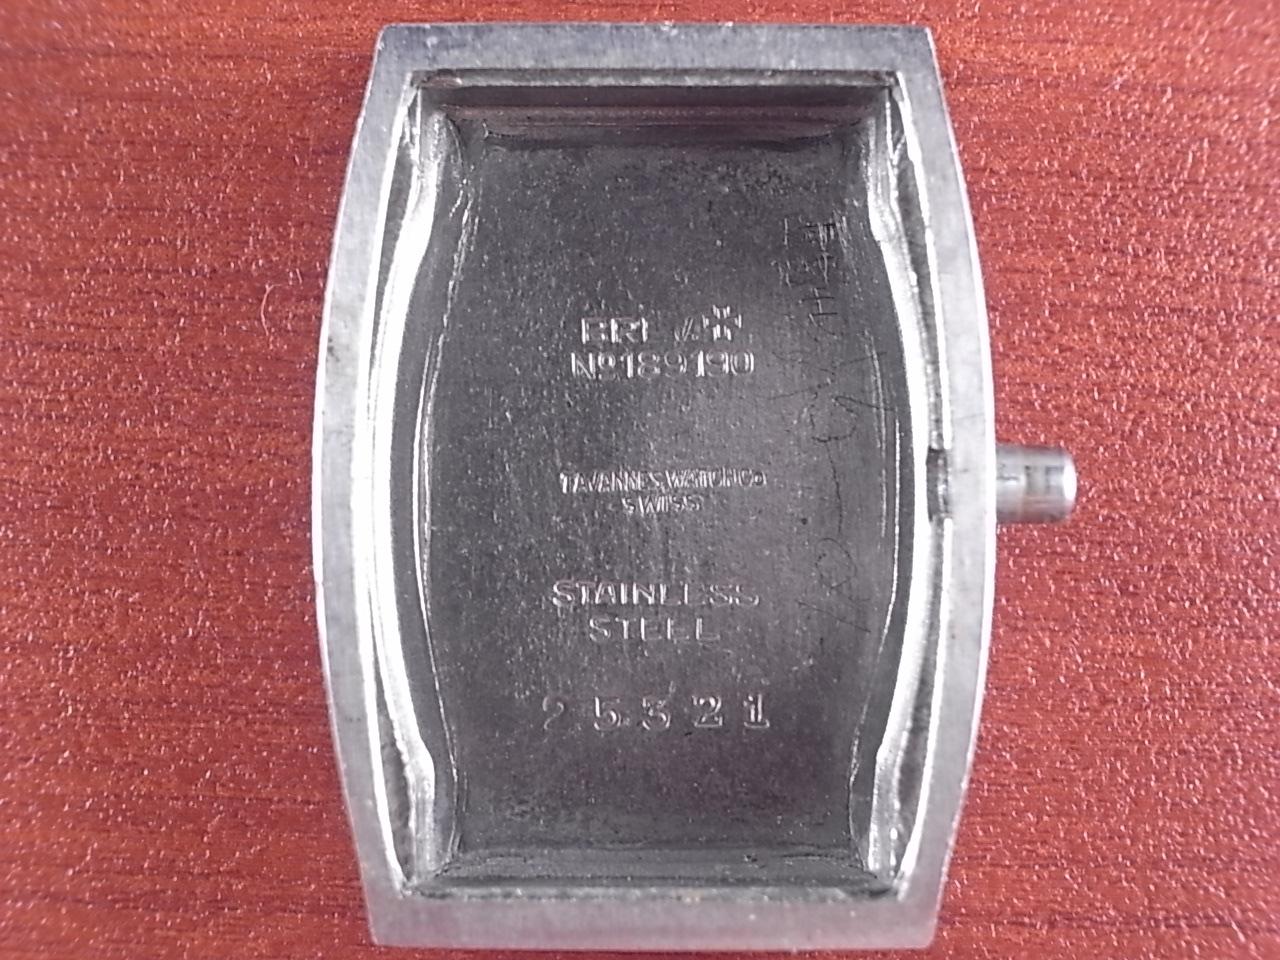 タバン トノーケース 4つビス防水 ボンクリップ バンブーブレス付き 1940年代の写真6枚目